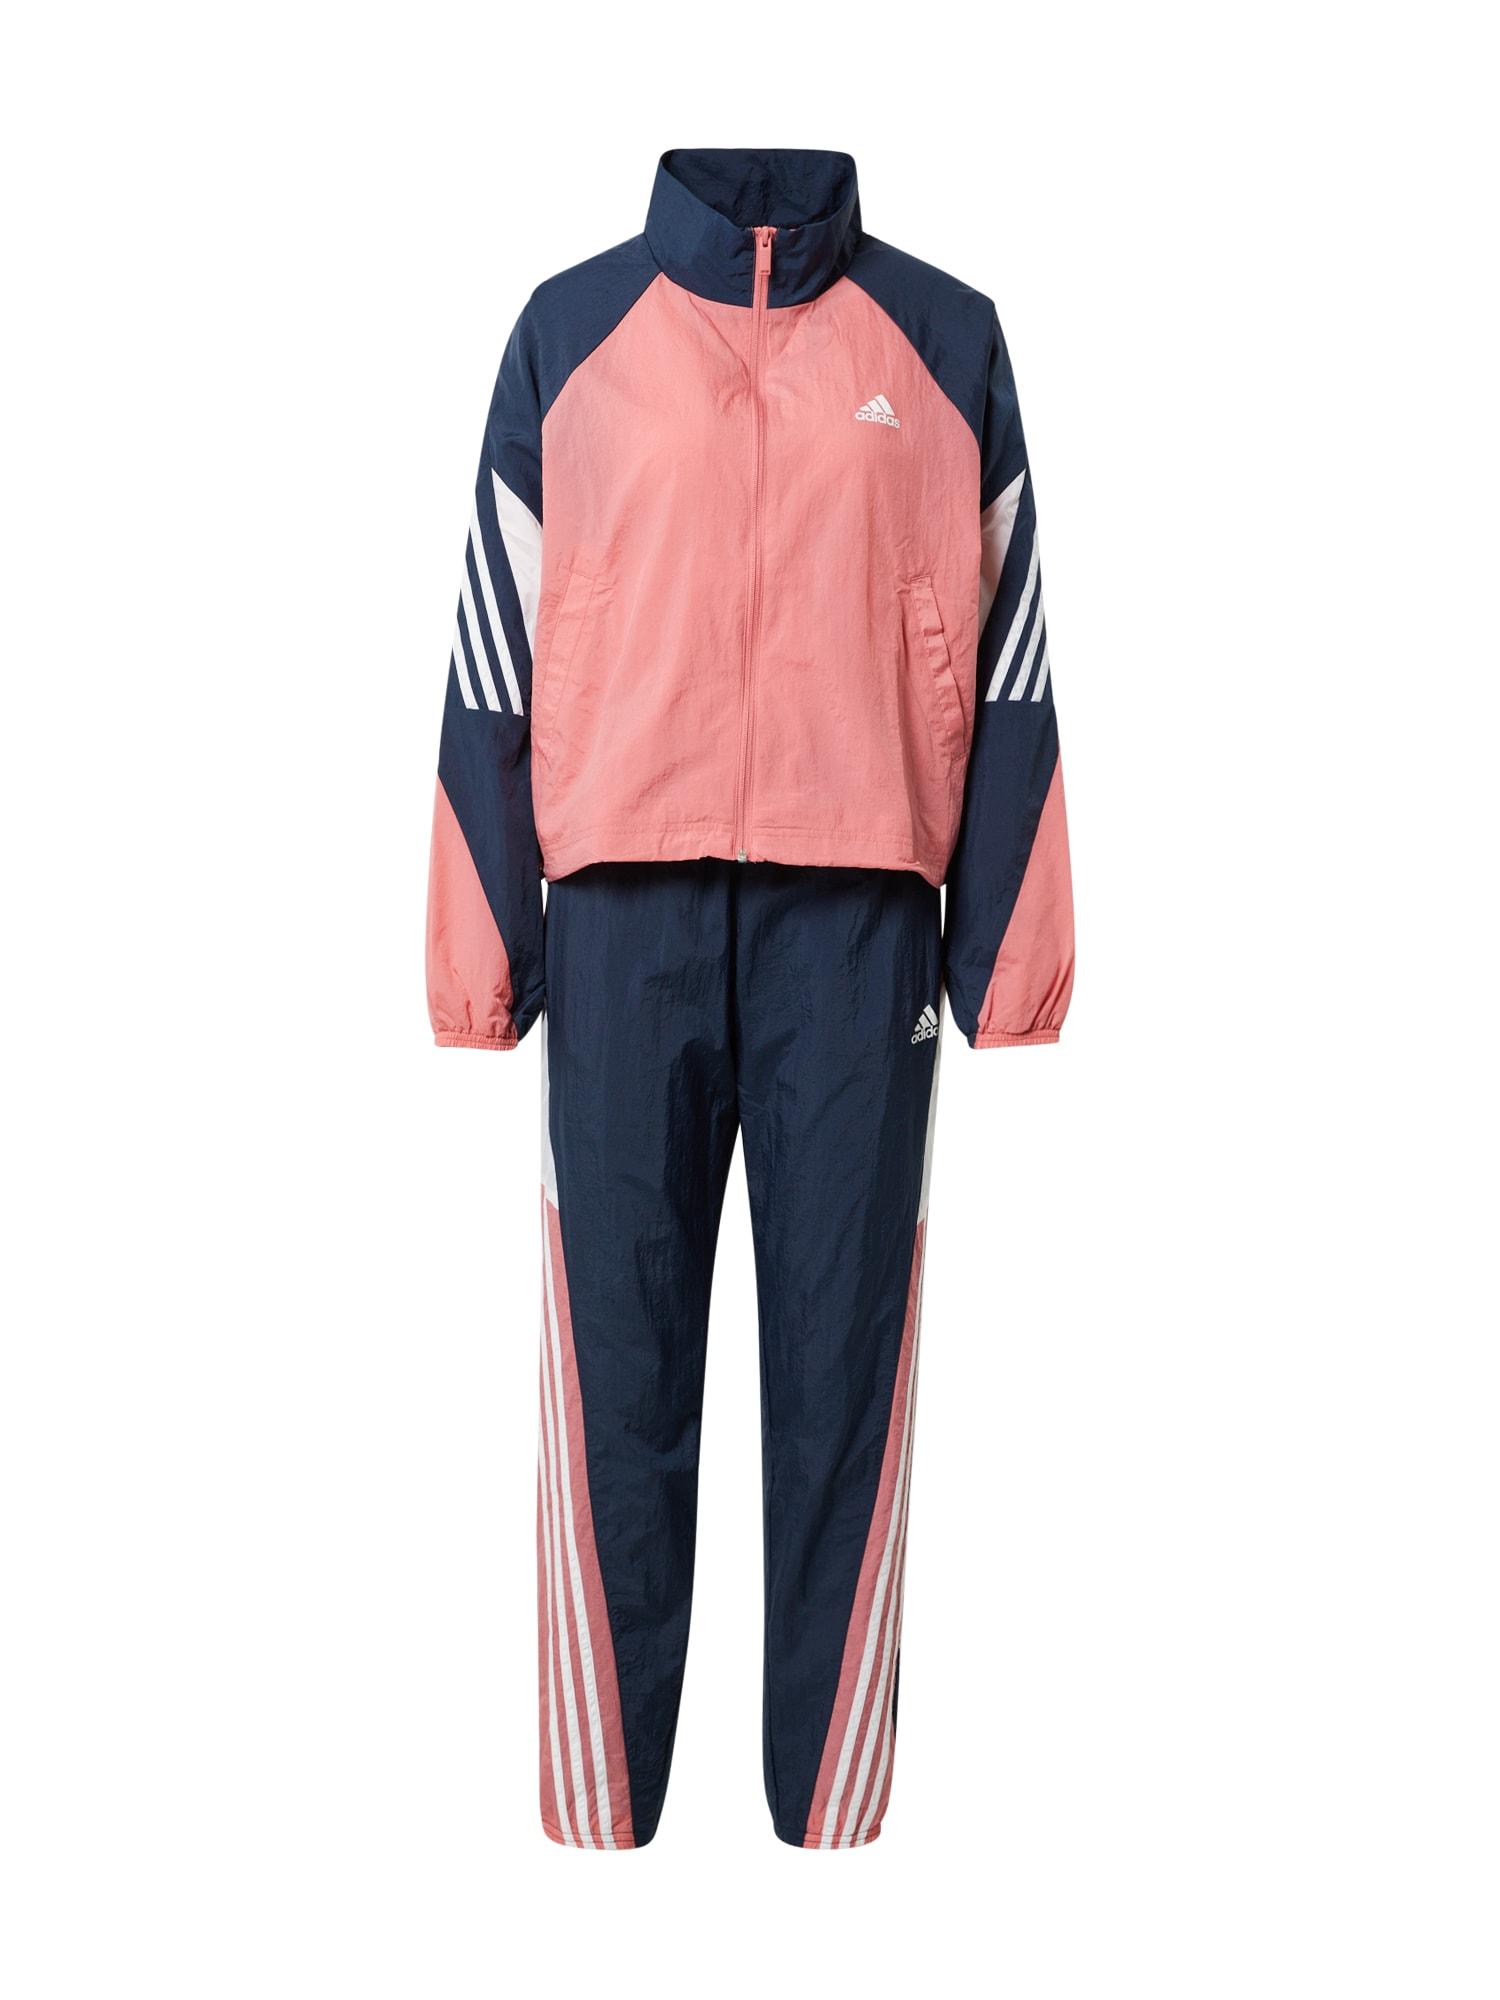 ADIDAS PERFORMANCE Sportinis kostiumas 'GAMETI' tamsiai mėlyna / balta / rožinė